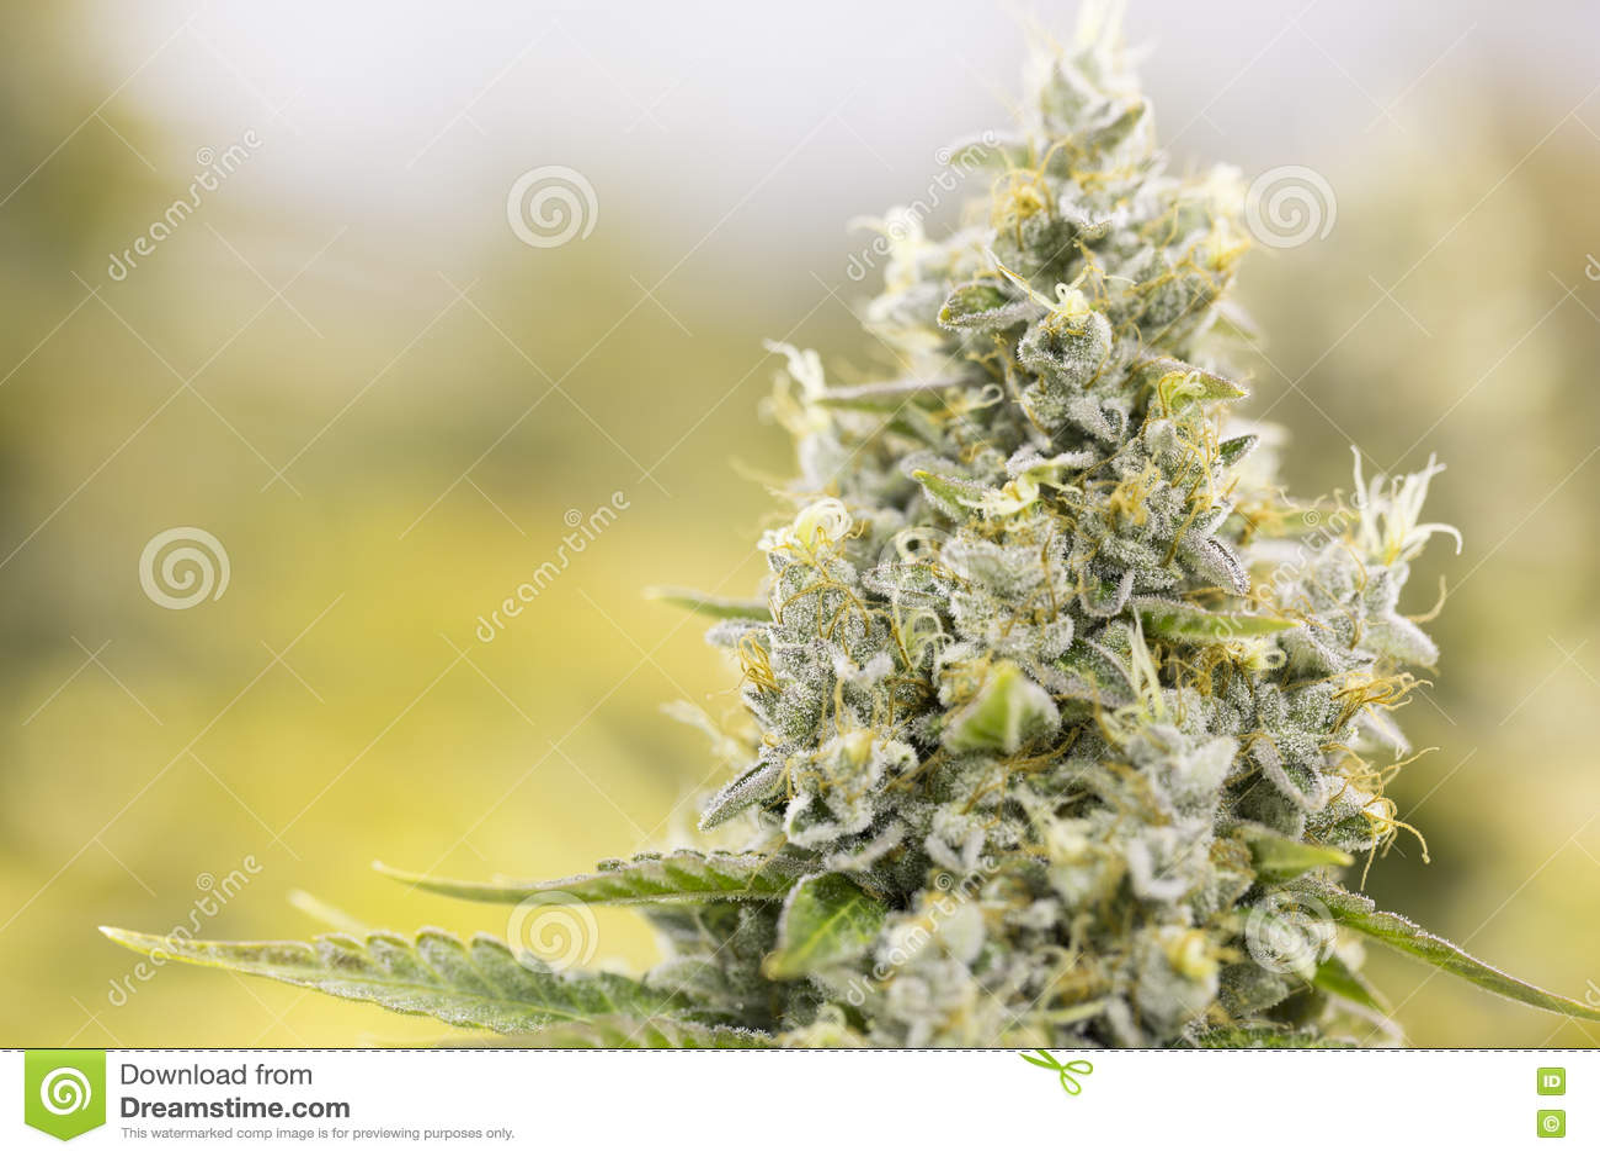 Бутоны марихуаны цветя (конопля), завод пеньки Очень большой крытый сбор засорителя